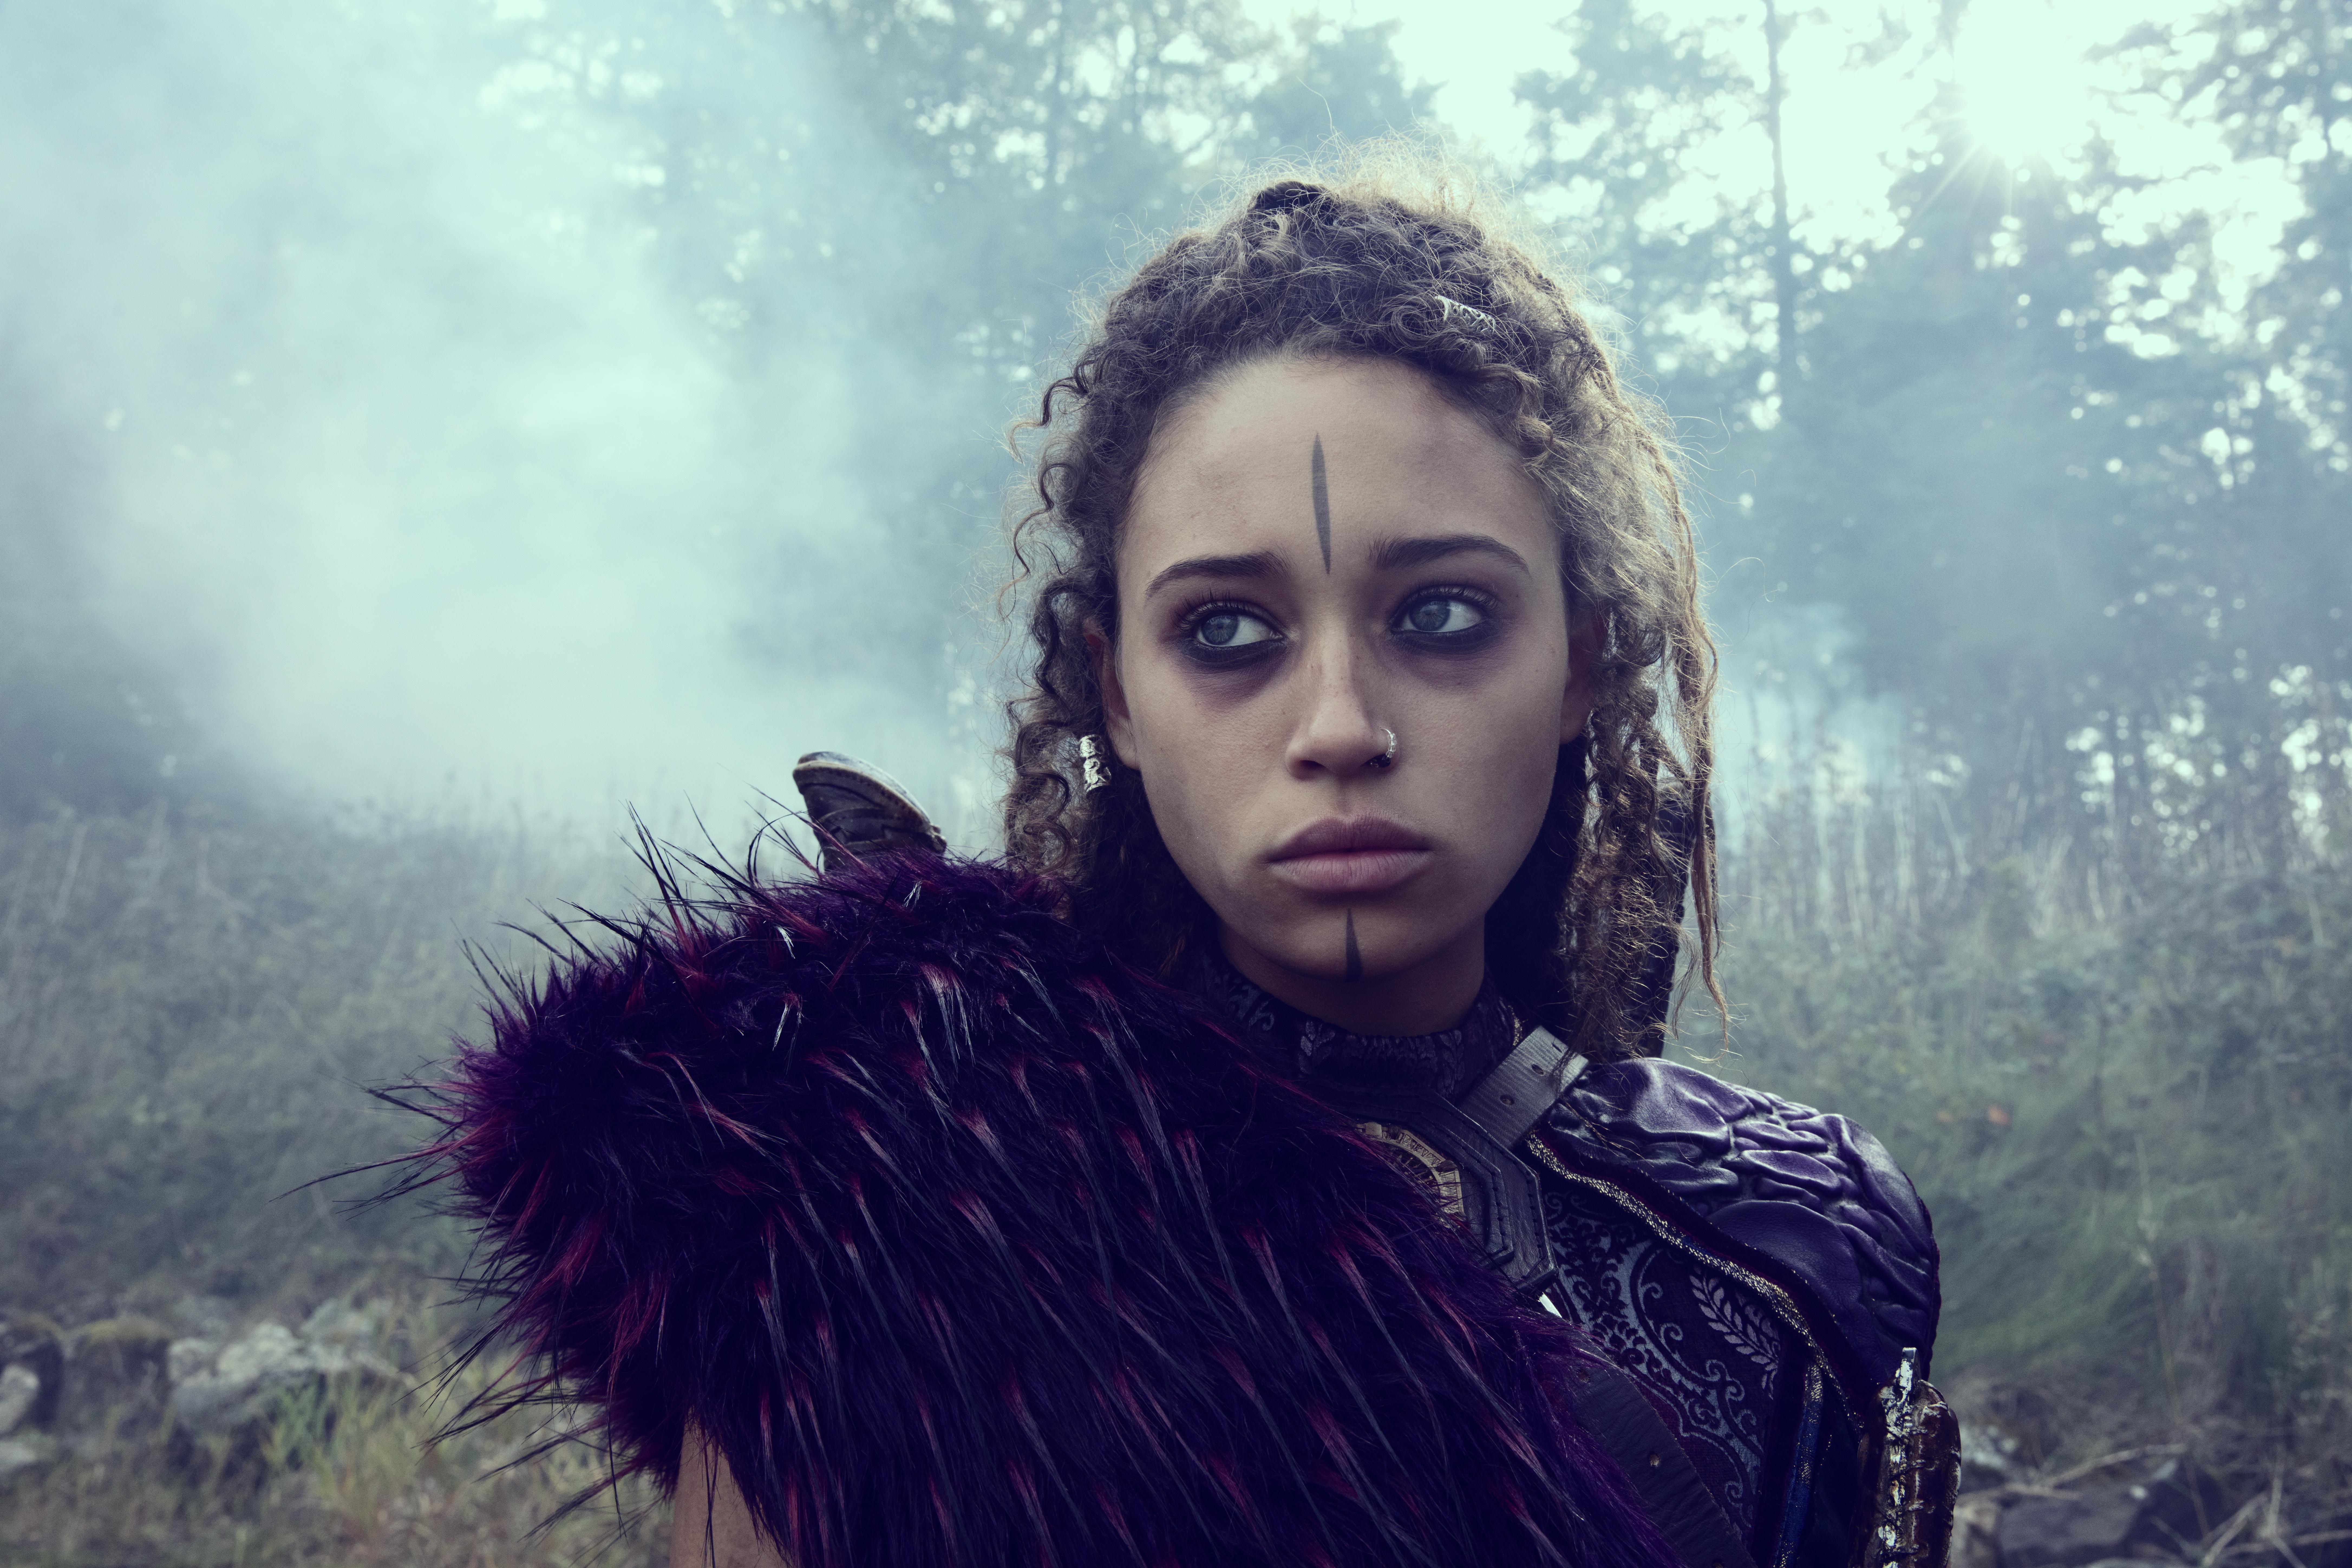 Ella-Rae Smith as Nix